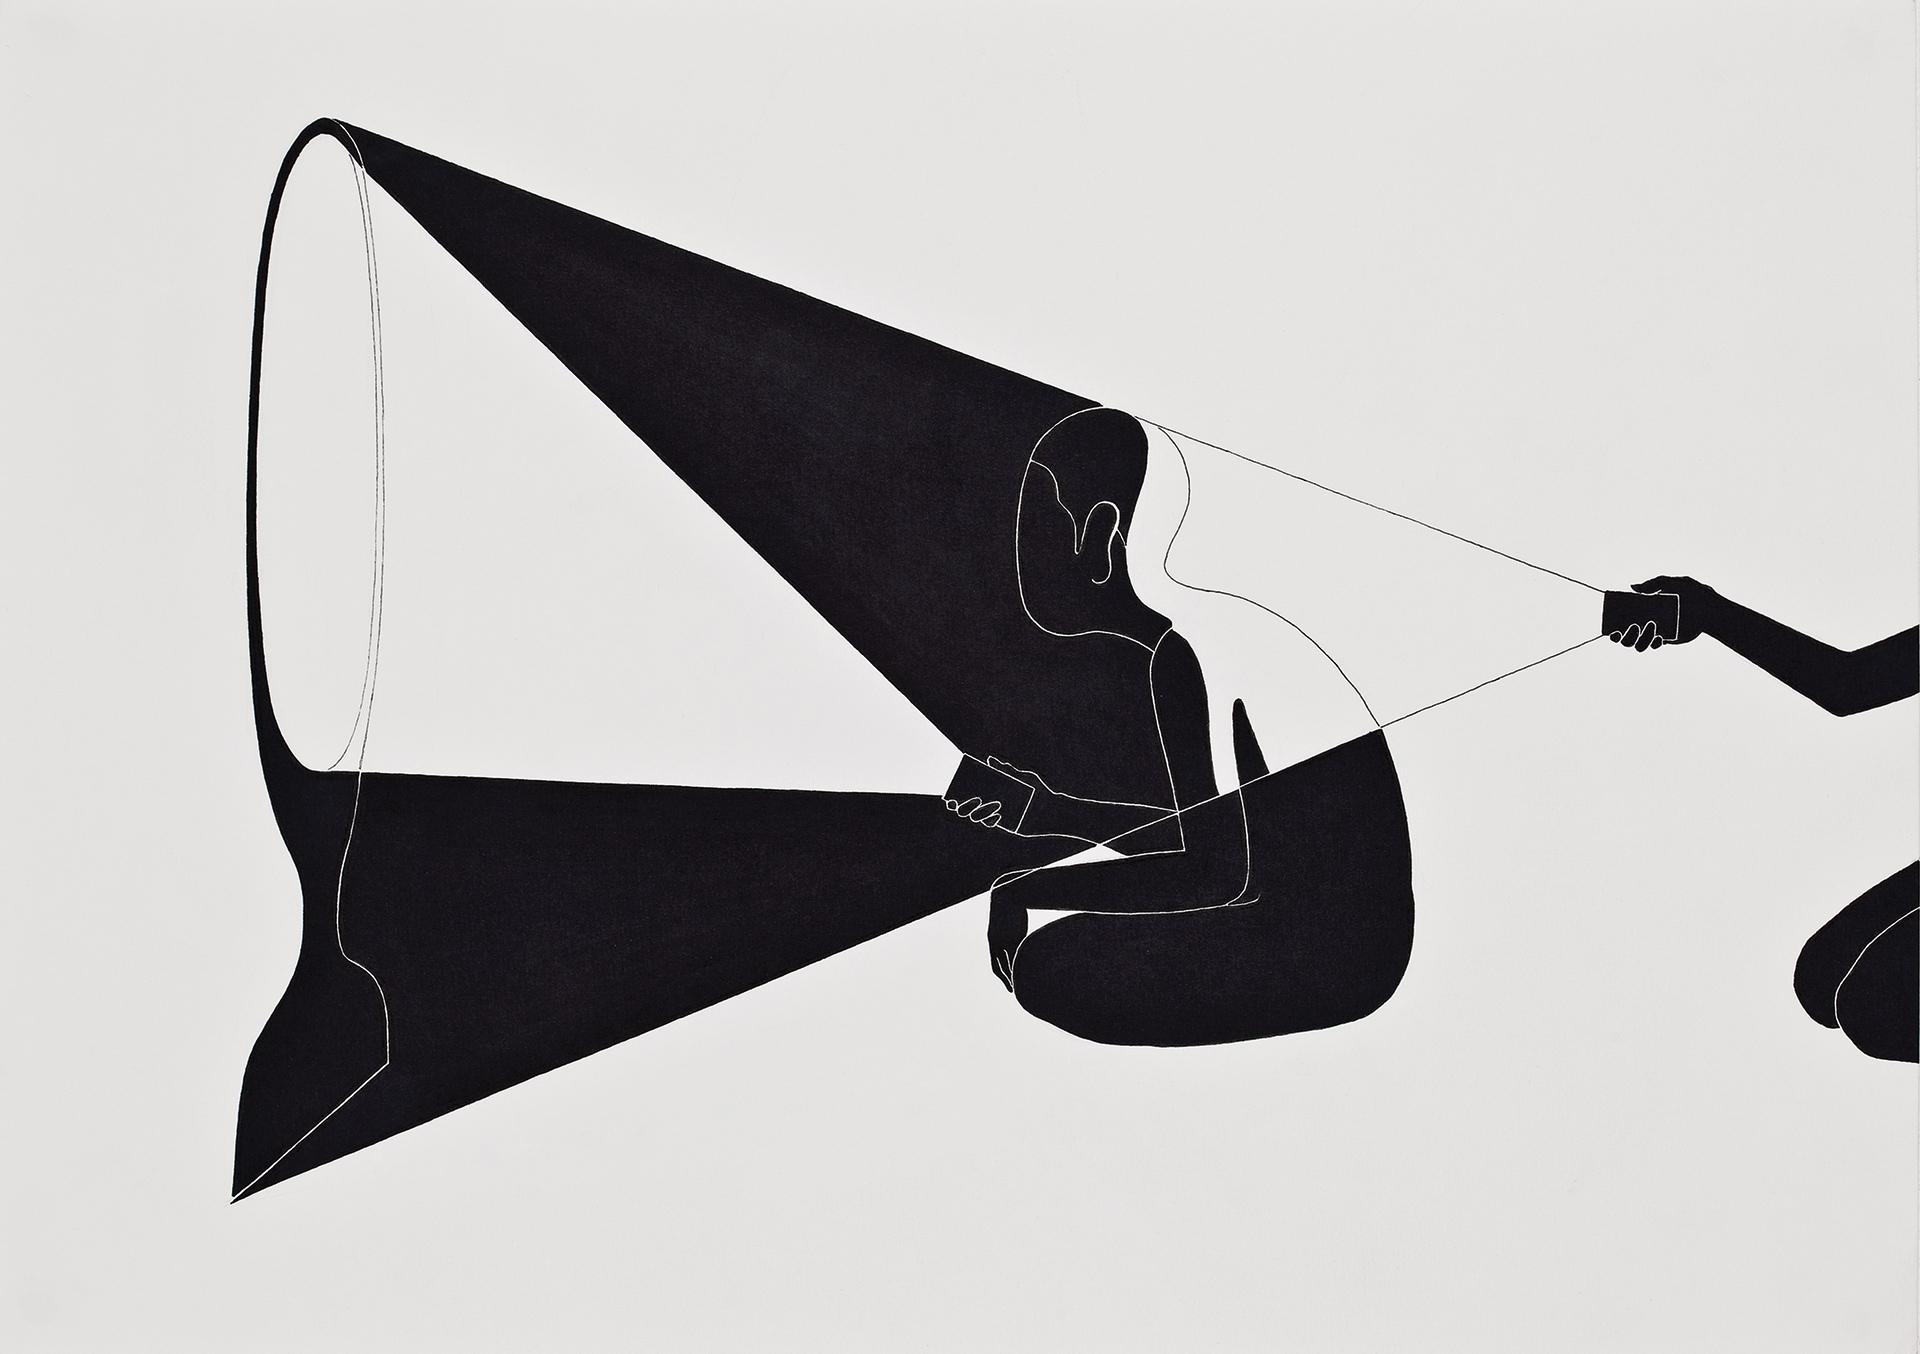 빛나는 어둠  / Bright darkness   Op.0045P -42 x 29.7 cm,종이에 펜, 마커 / Pigment liner and marker on paper, 2010